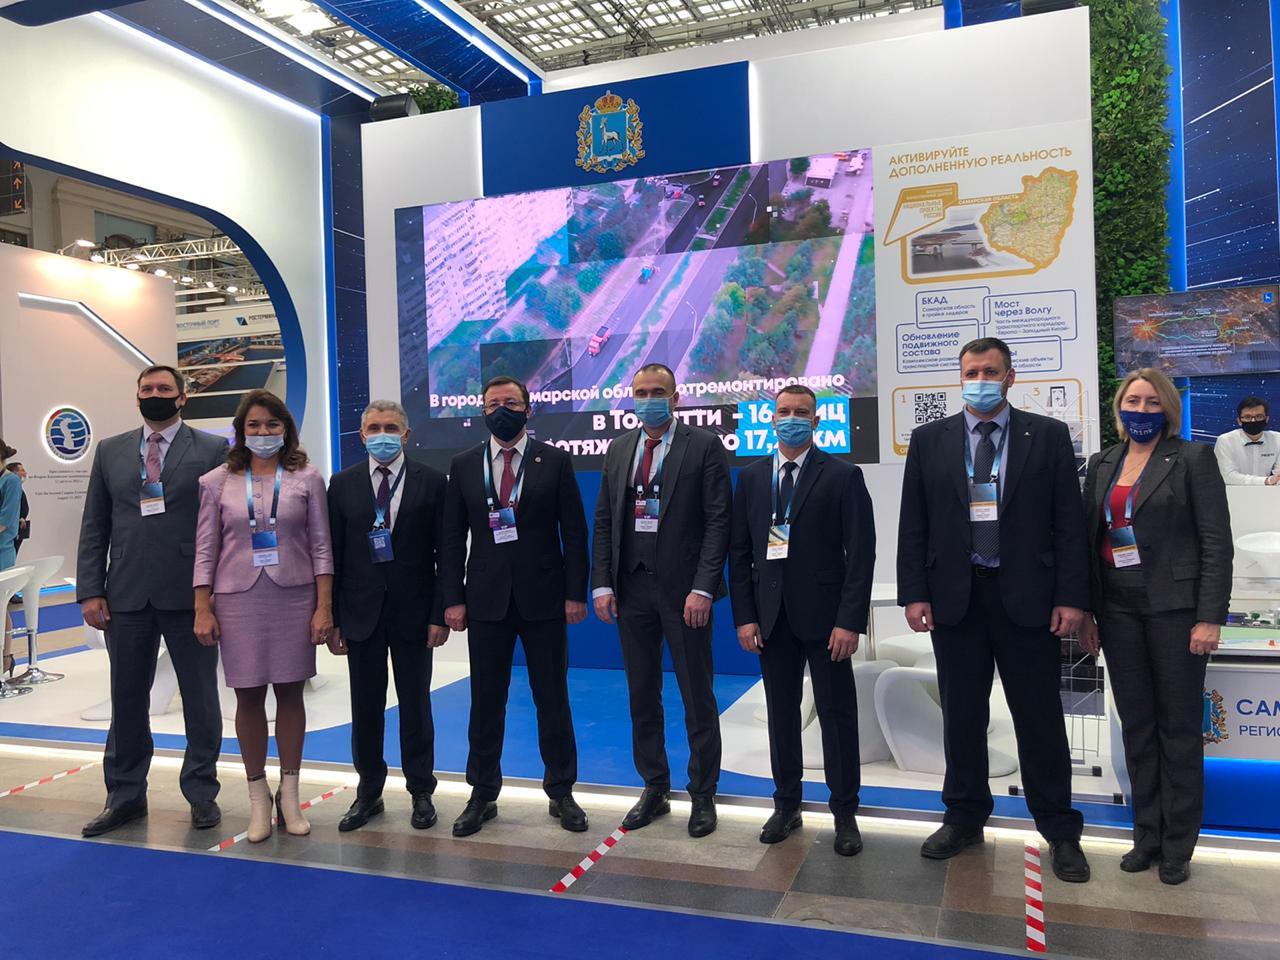 Самарская область представила свои главные проекты в сфере дорожного строительства в Москве